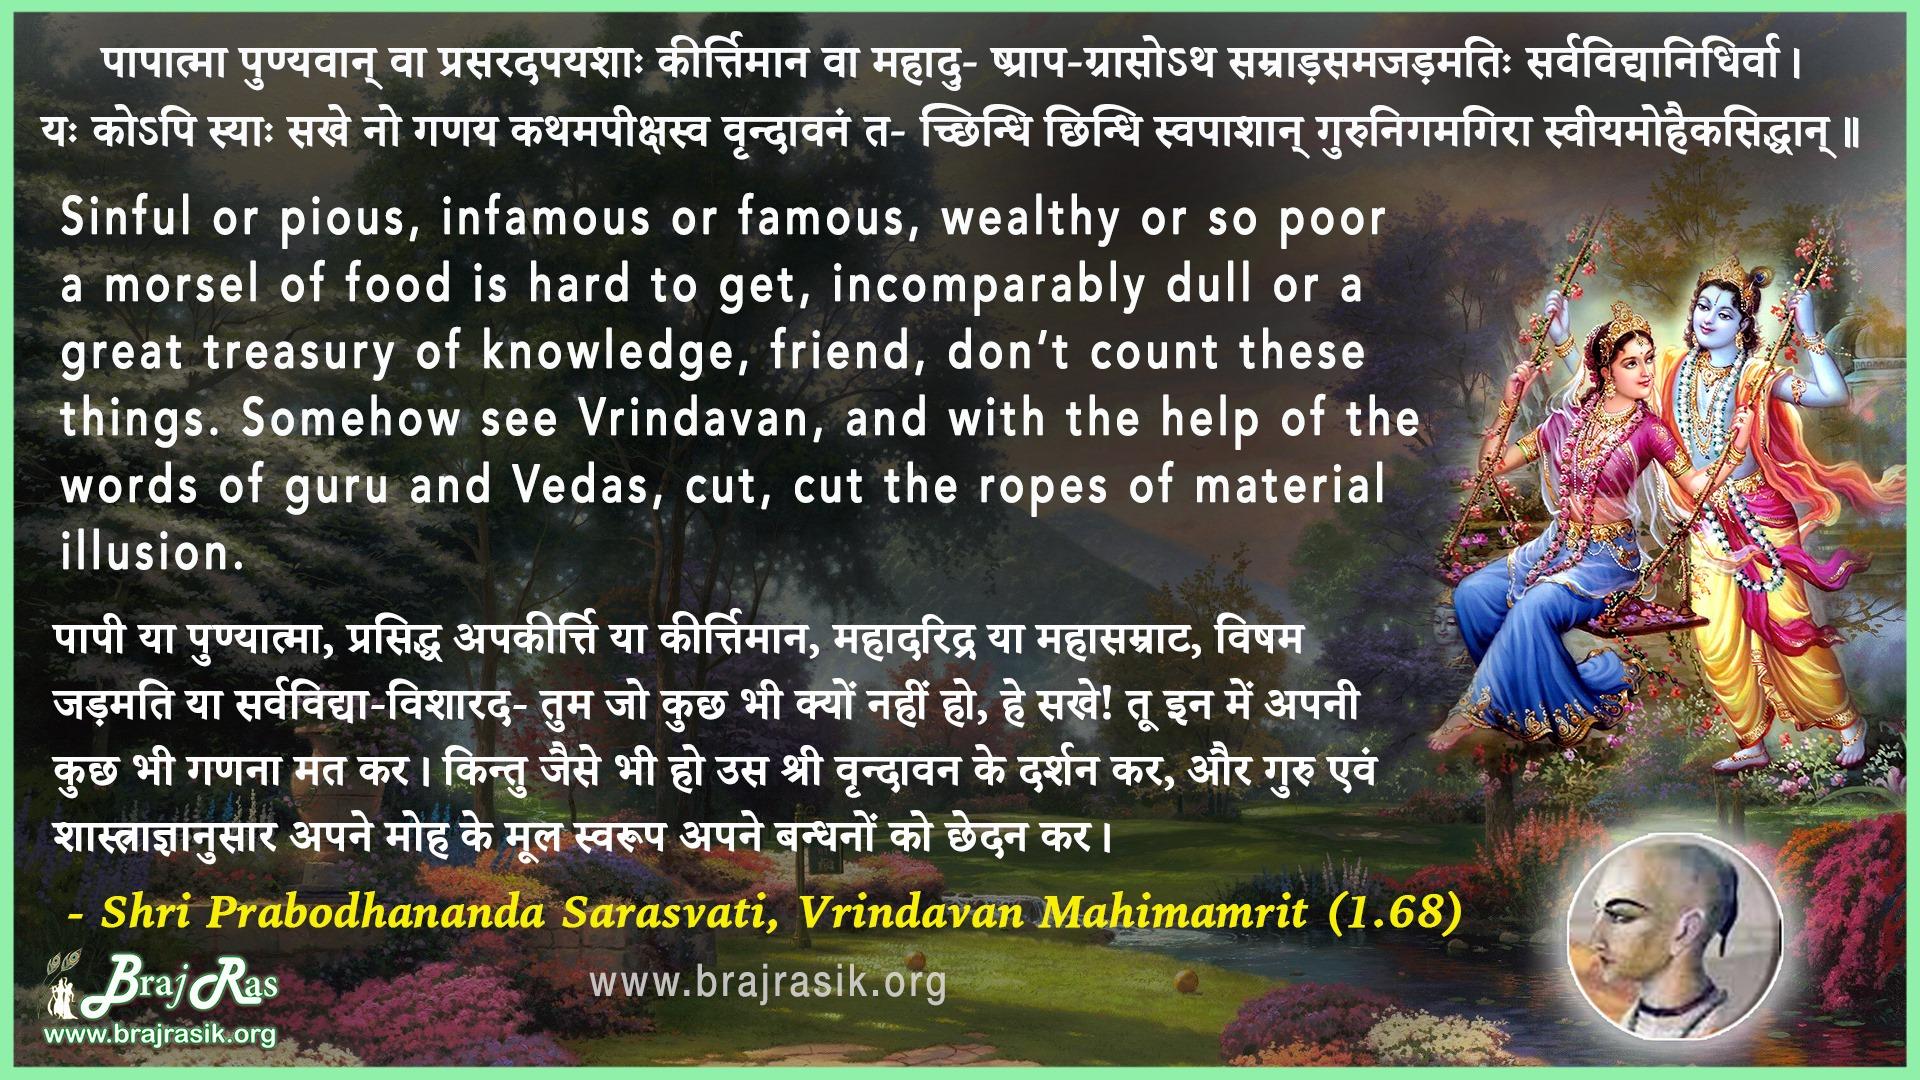 Paapatma Punyavaan Va Prasaradapayashaah - Shri Prabodhananda Sarasvati, Vrindavan Mahimamrit (1.68)